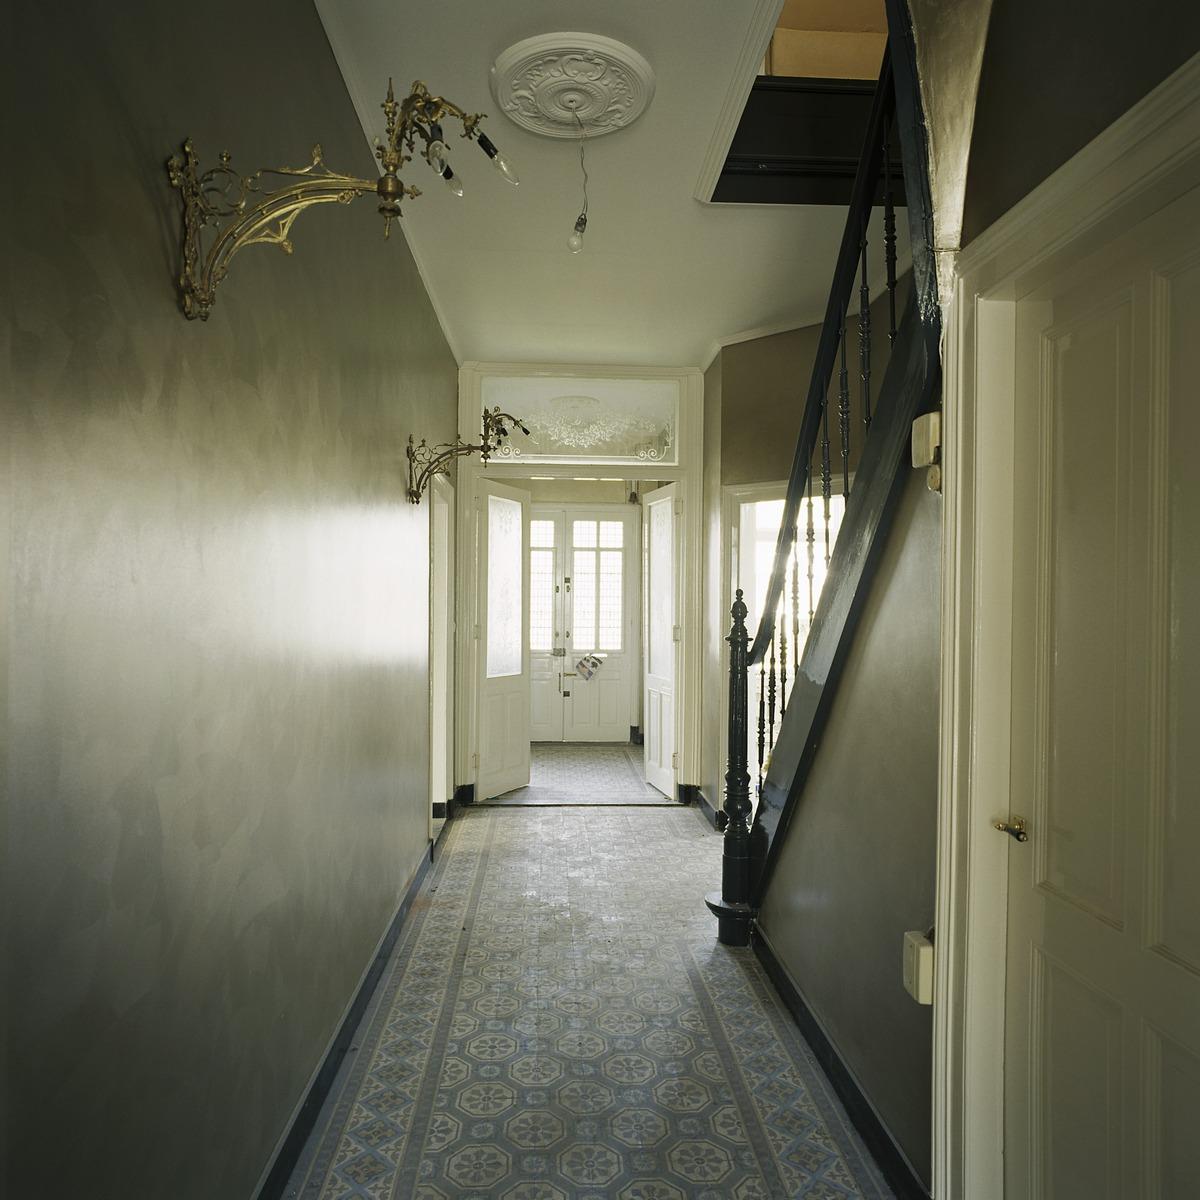 File interieur overzicht van de gang op de begane grond met tegelvloer en met rechts de trap - Gang met trap ...